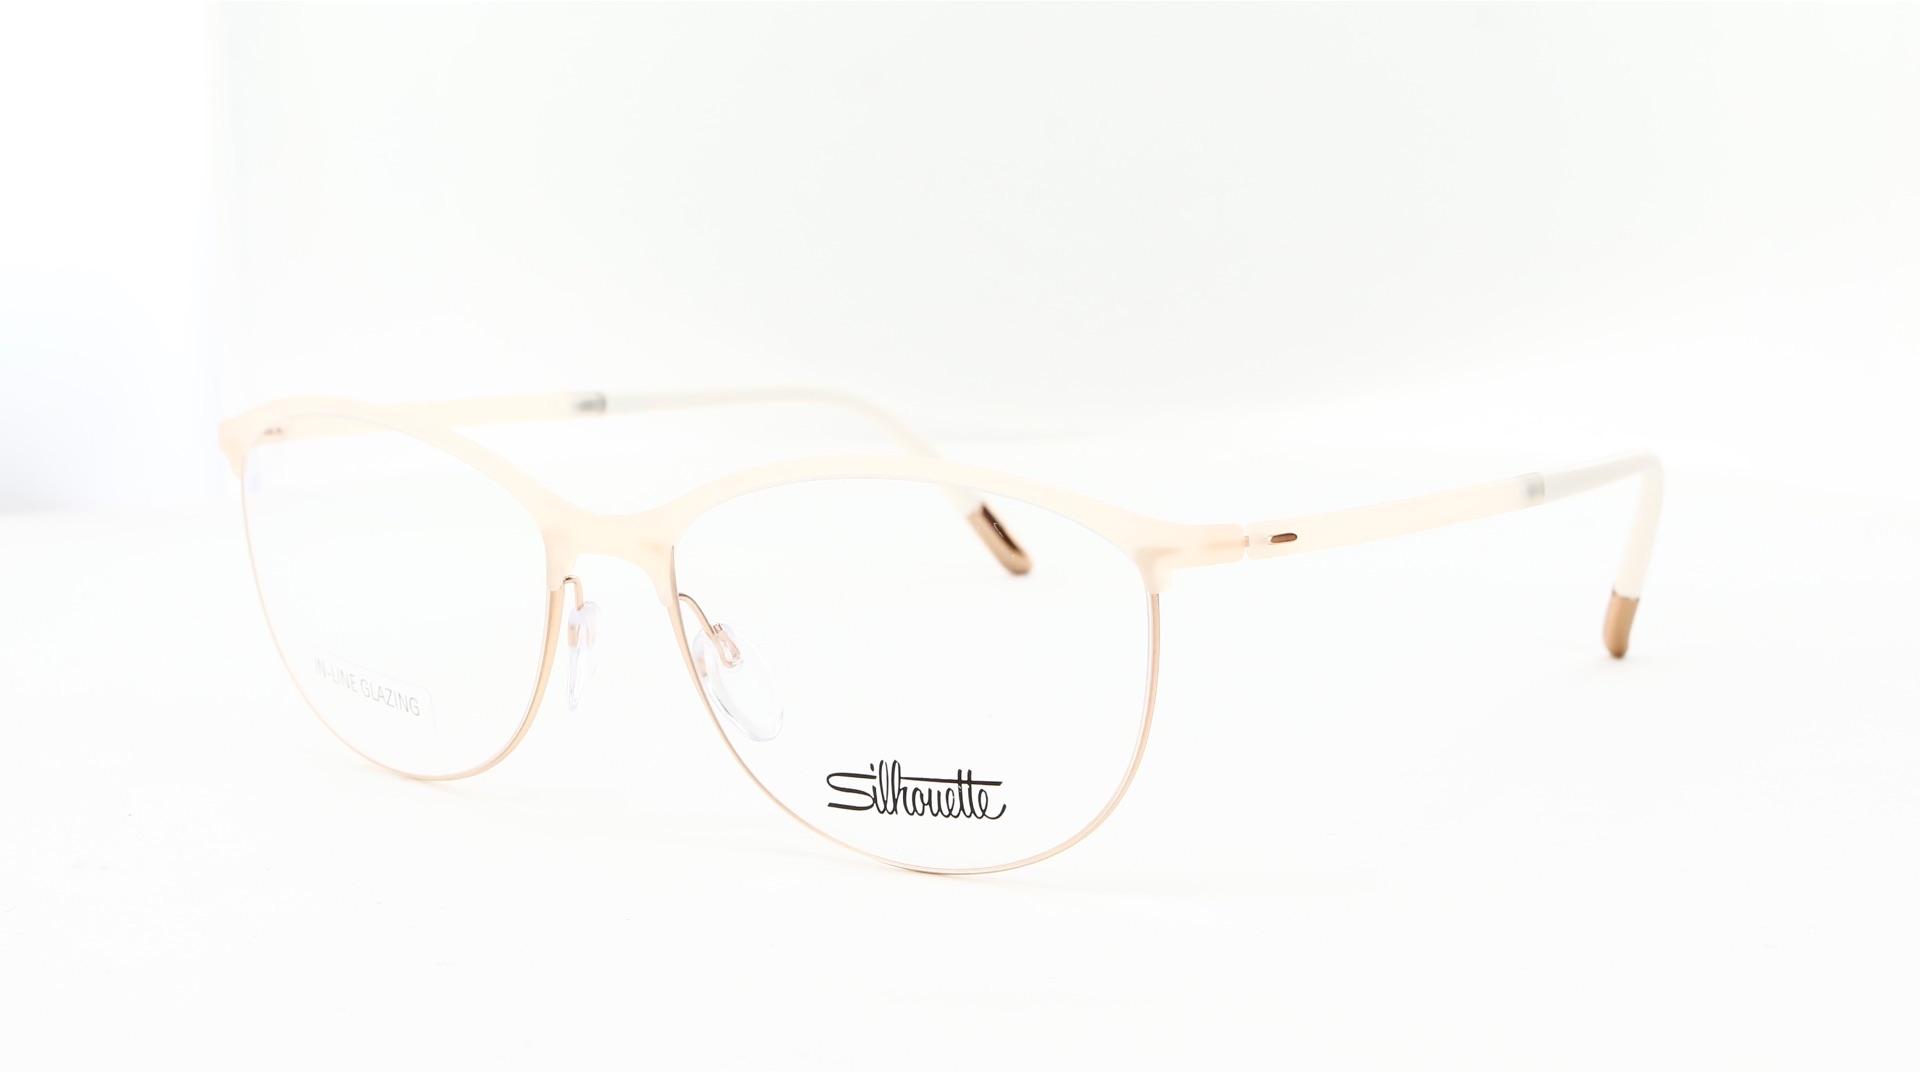 Silhouette - ref: 77049